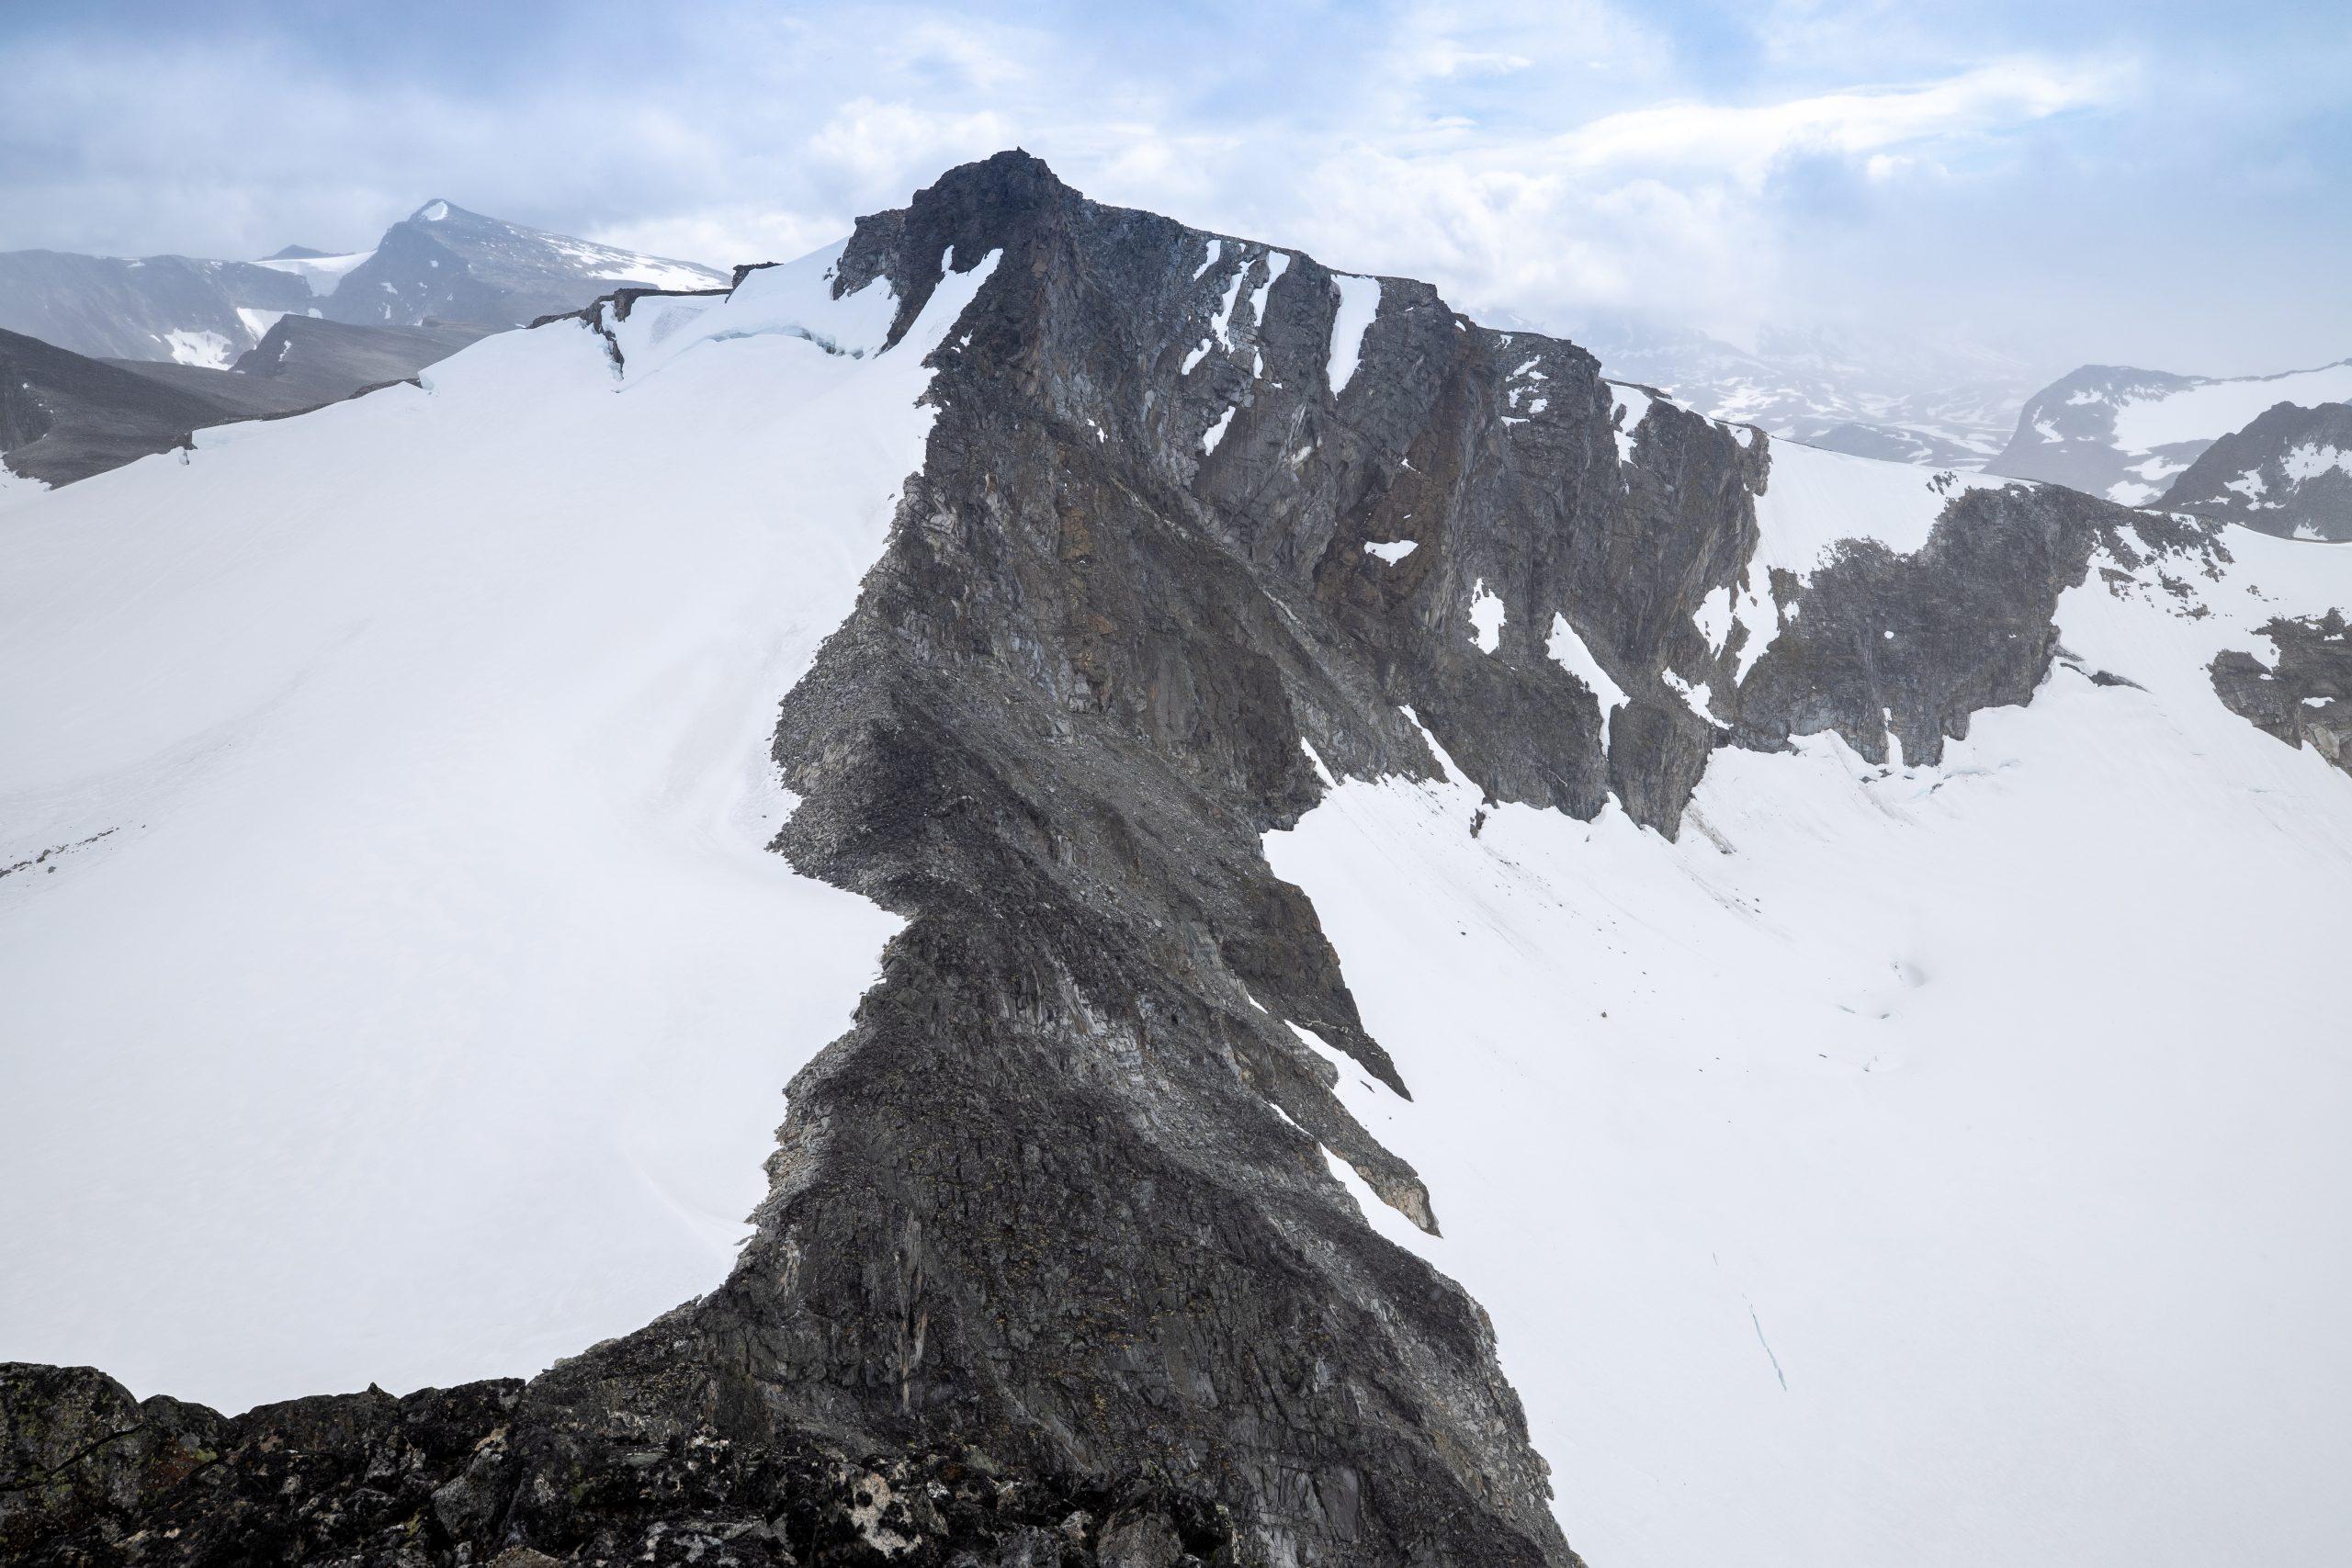 Utsikt fra Store Veotinden mot Søre Veotinden, som ironisk nok er høyere enn Store Veotinden.